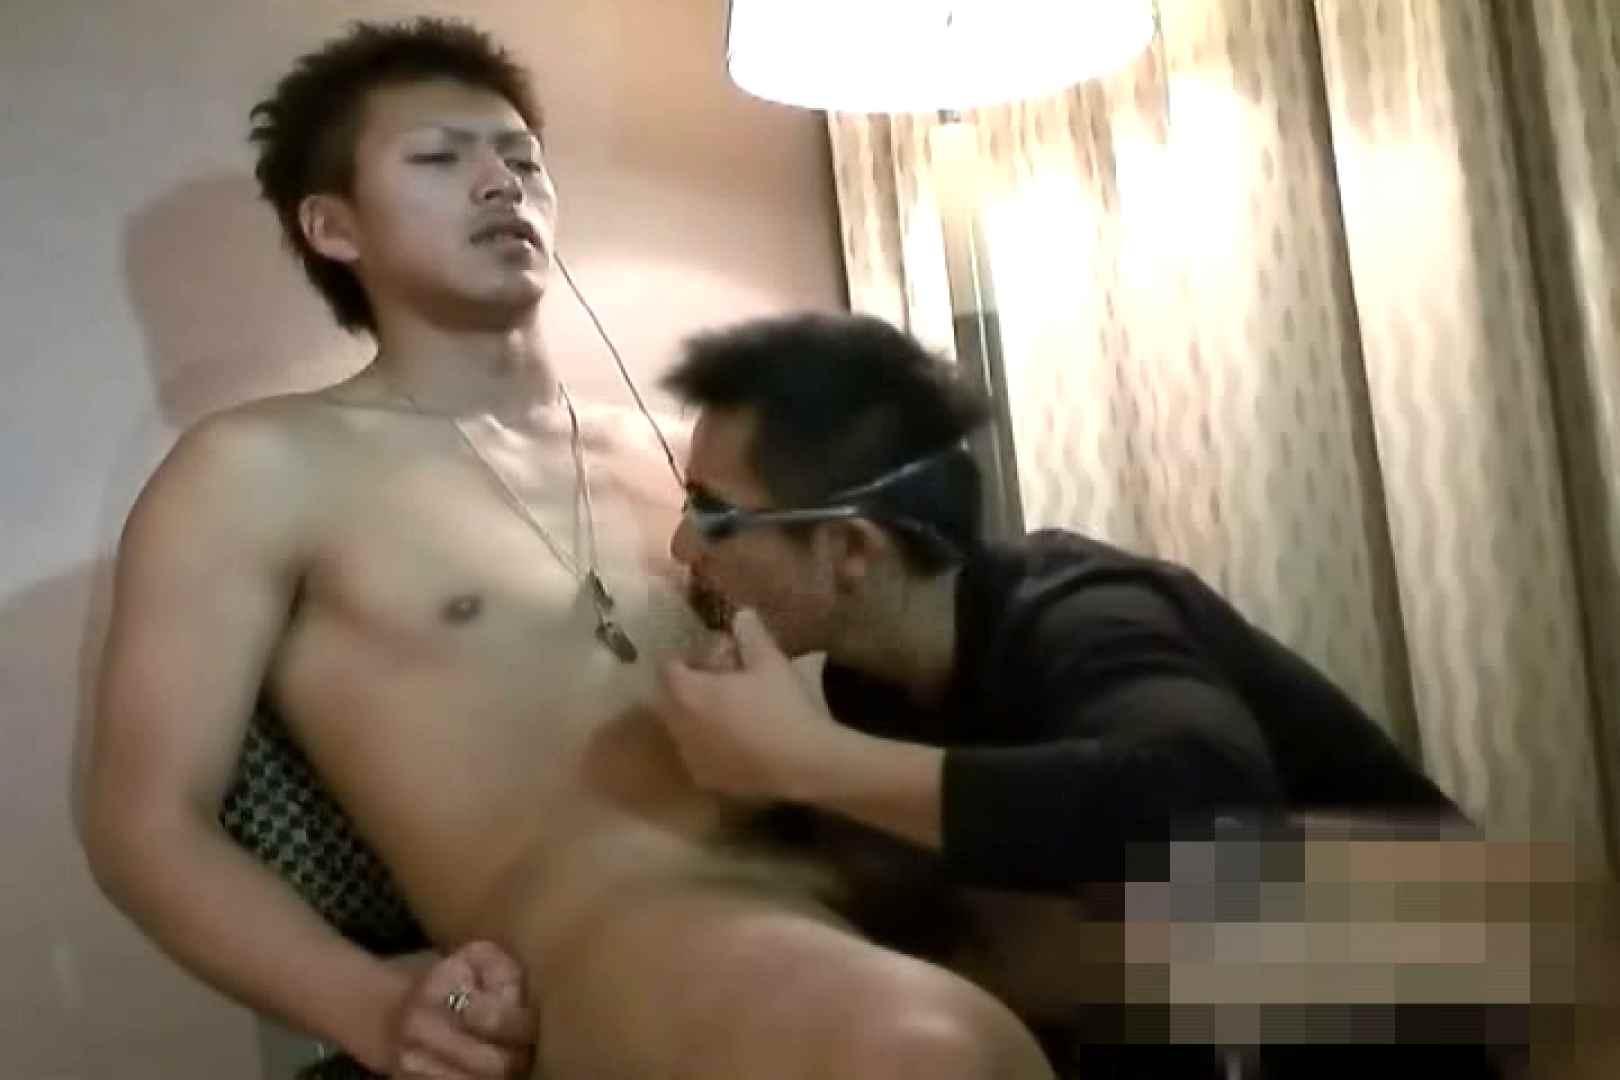 Beautiful muscle モッコリ野郎達!Vol.01 ガチムチマッチョ系 | ボーイズ私服  73pic 65